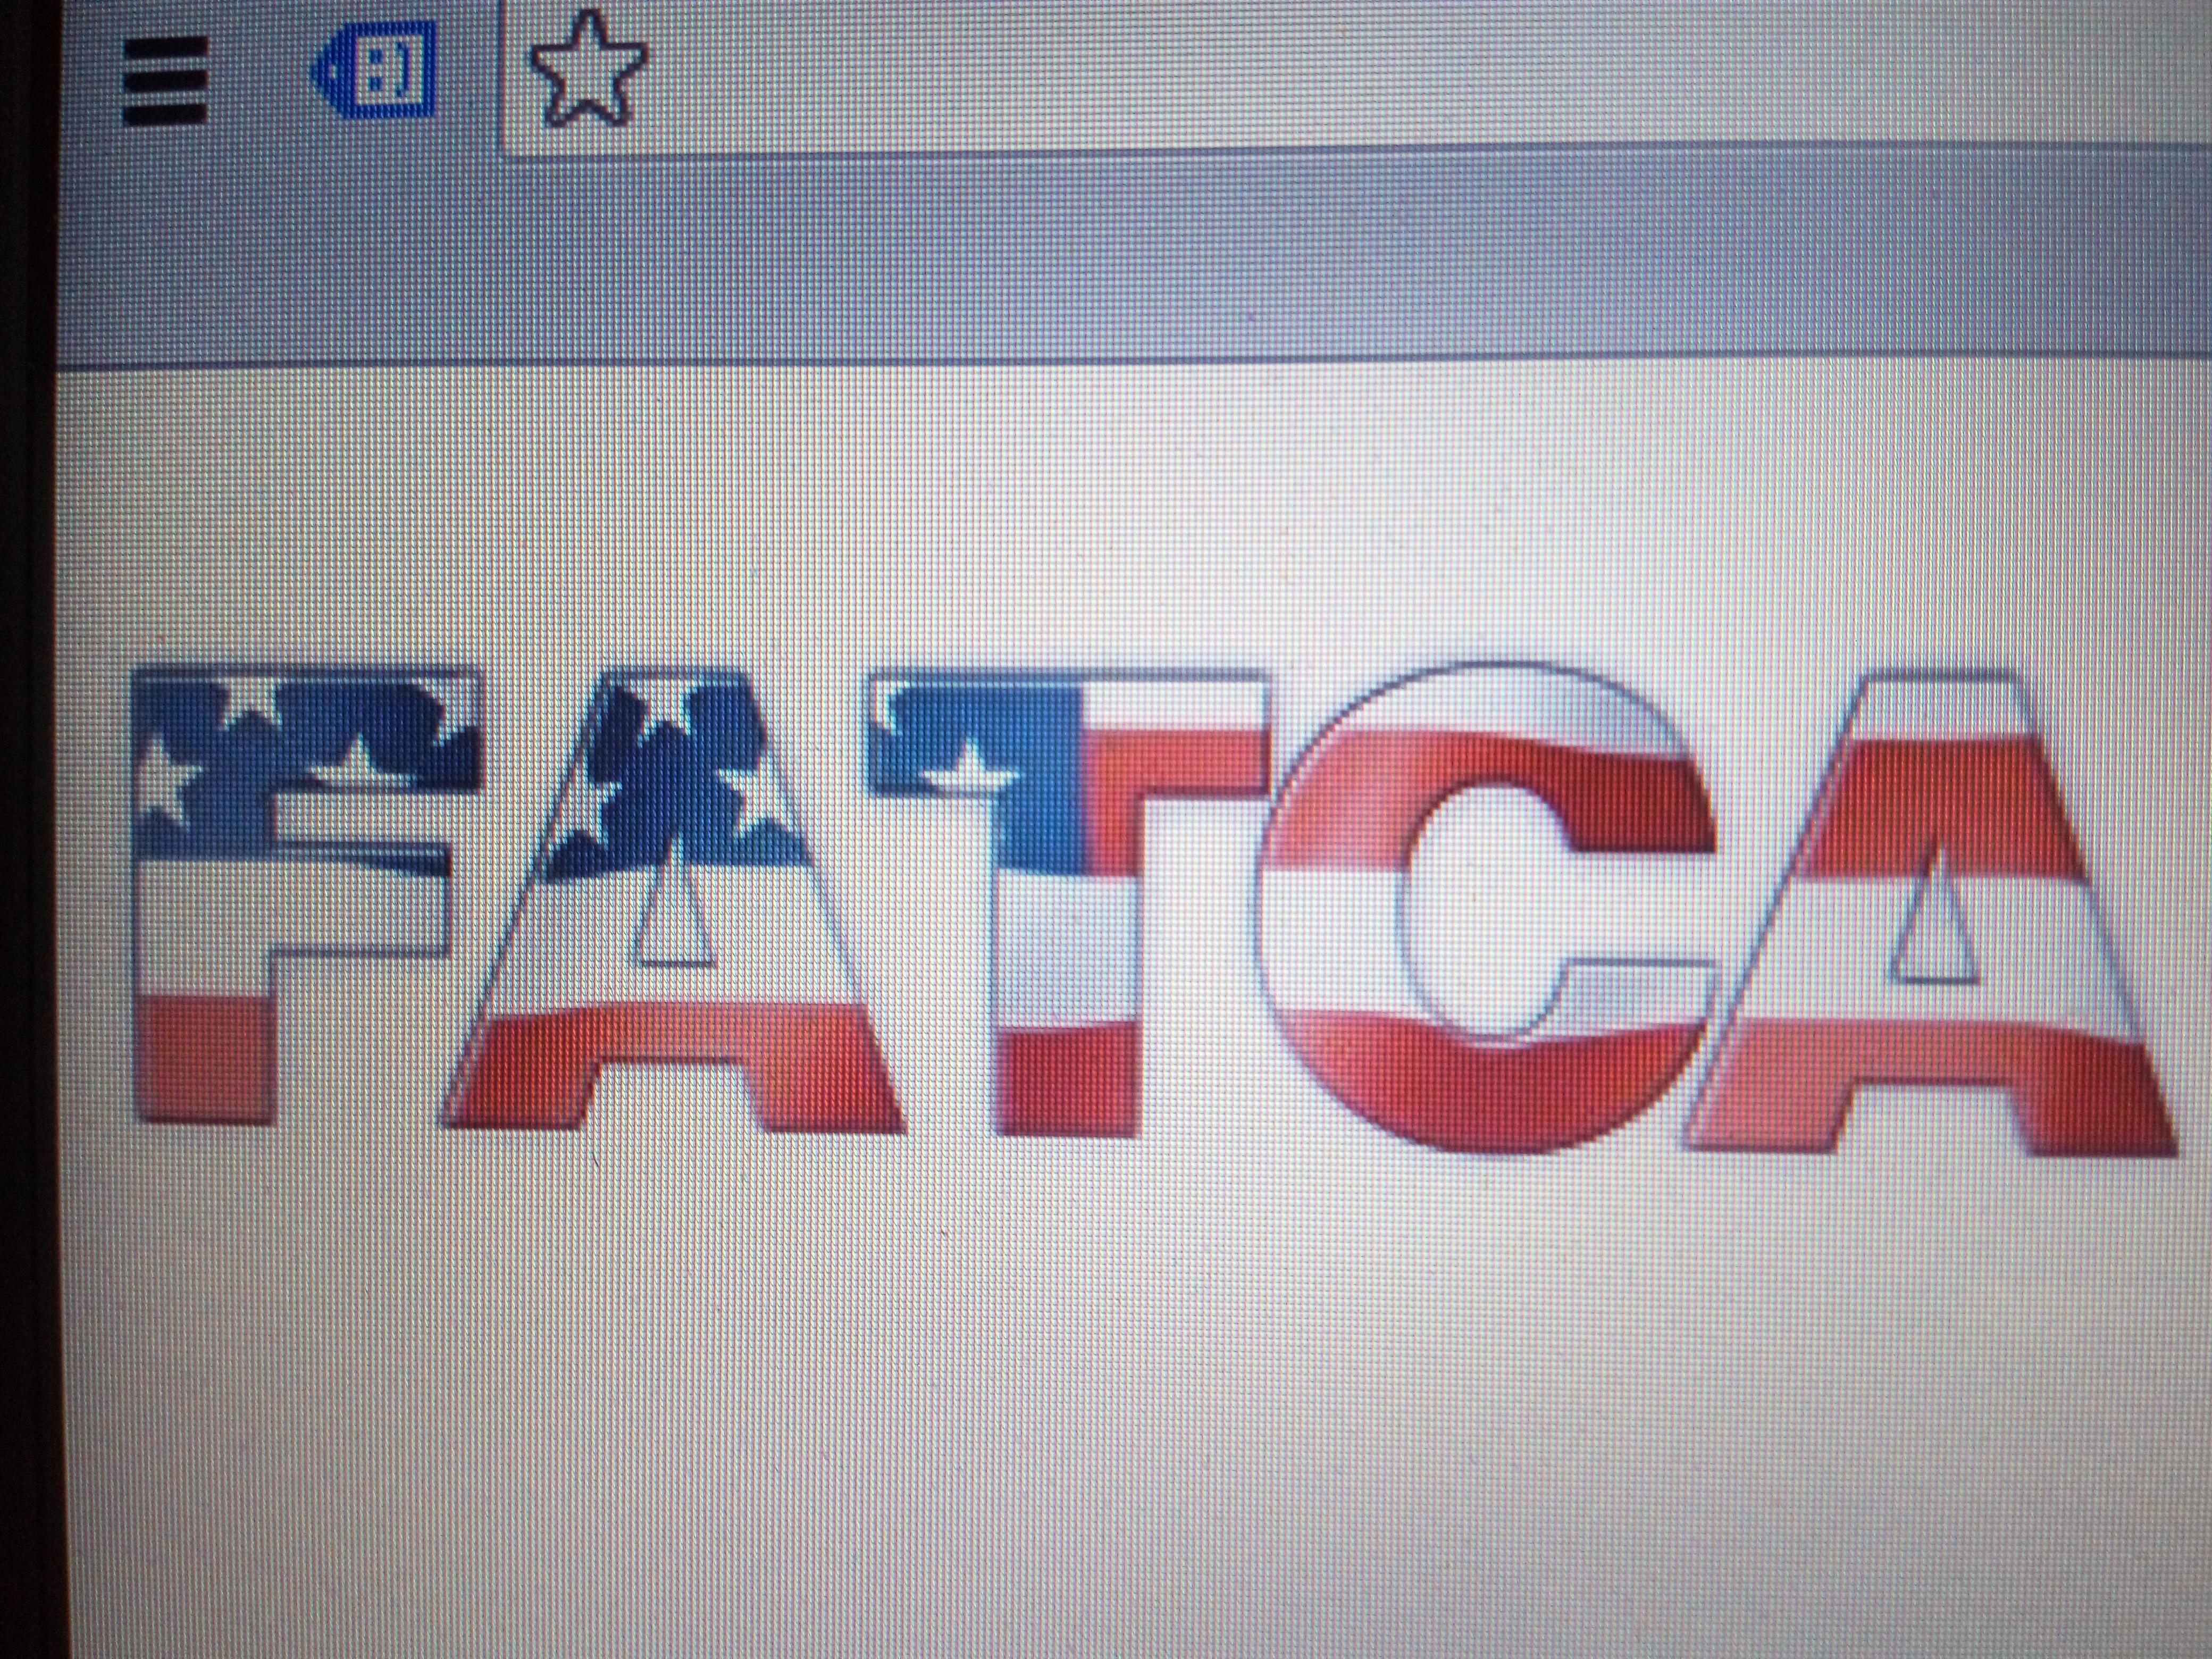 FATCA